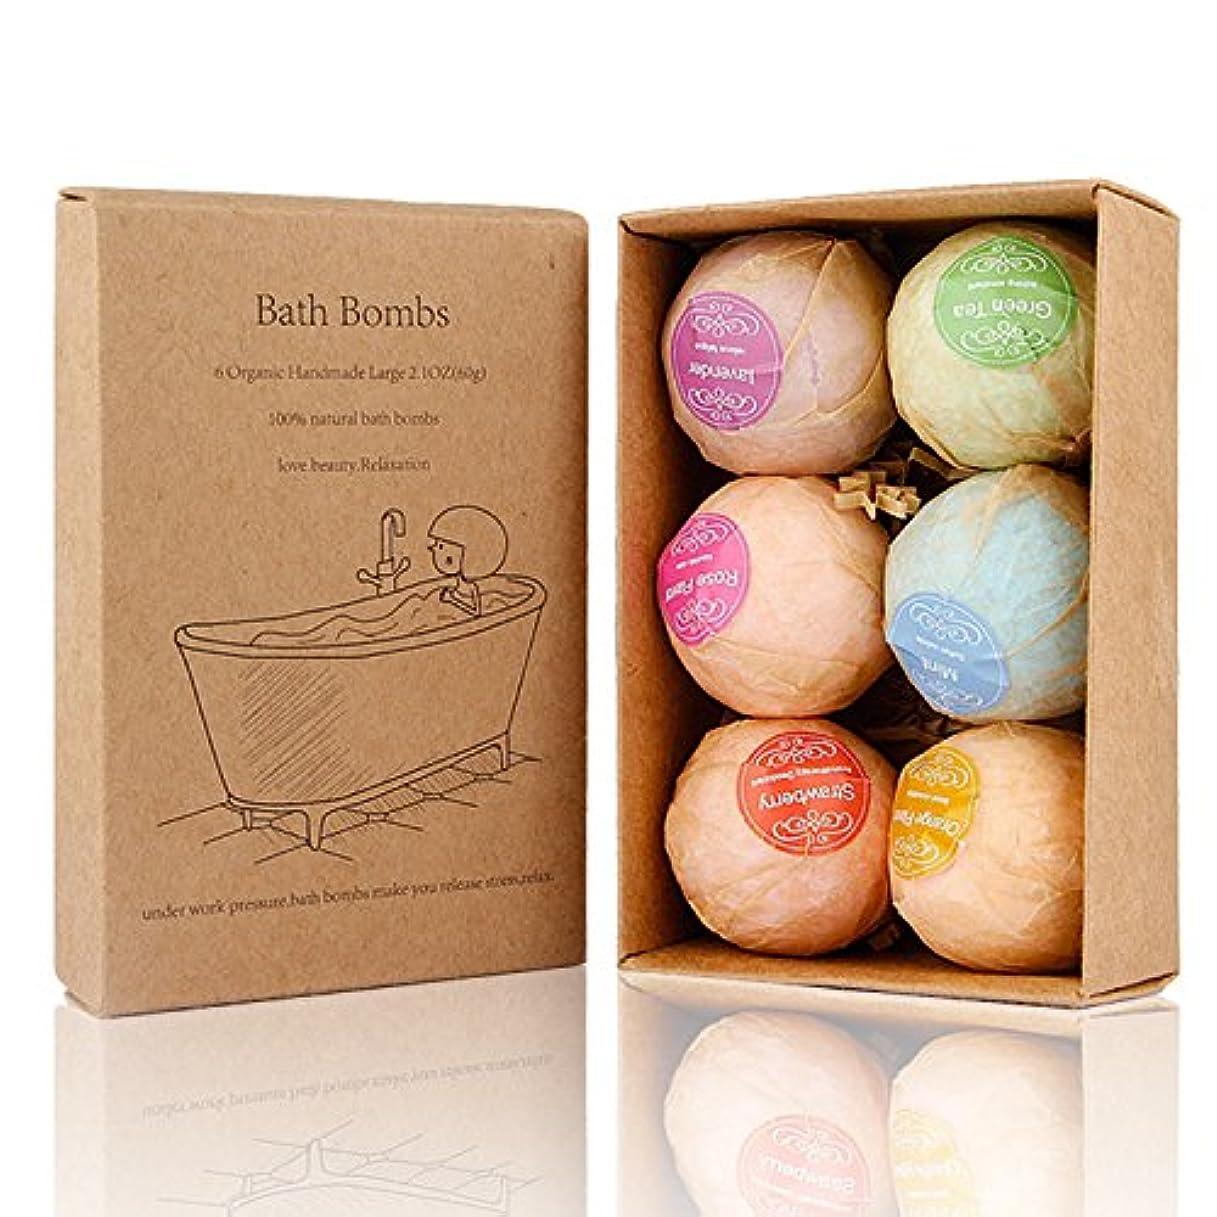 長椅子キャラクターラップBath Bomb, 温泡 入浴剤 ギフトセット6個入り, Perfect for Bubble & Spa Bath Ultra Lush Bath Fizzies